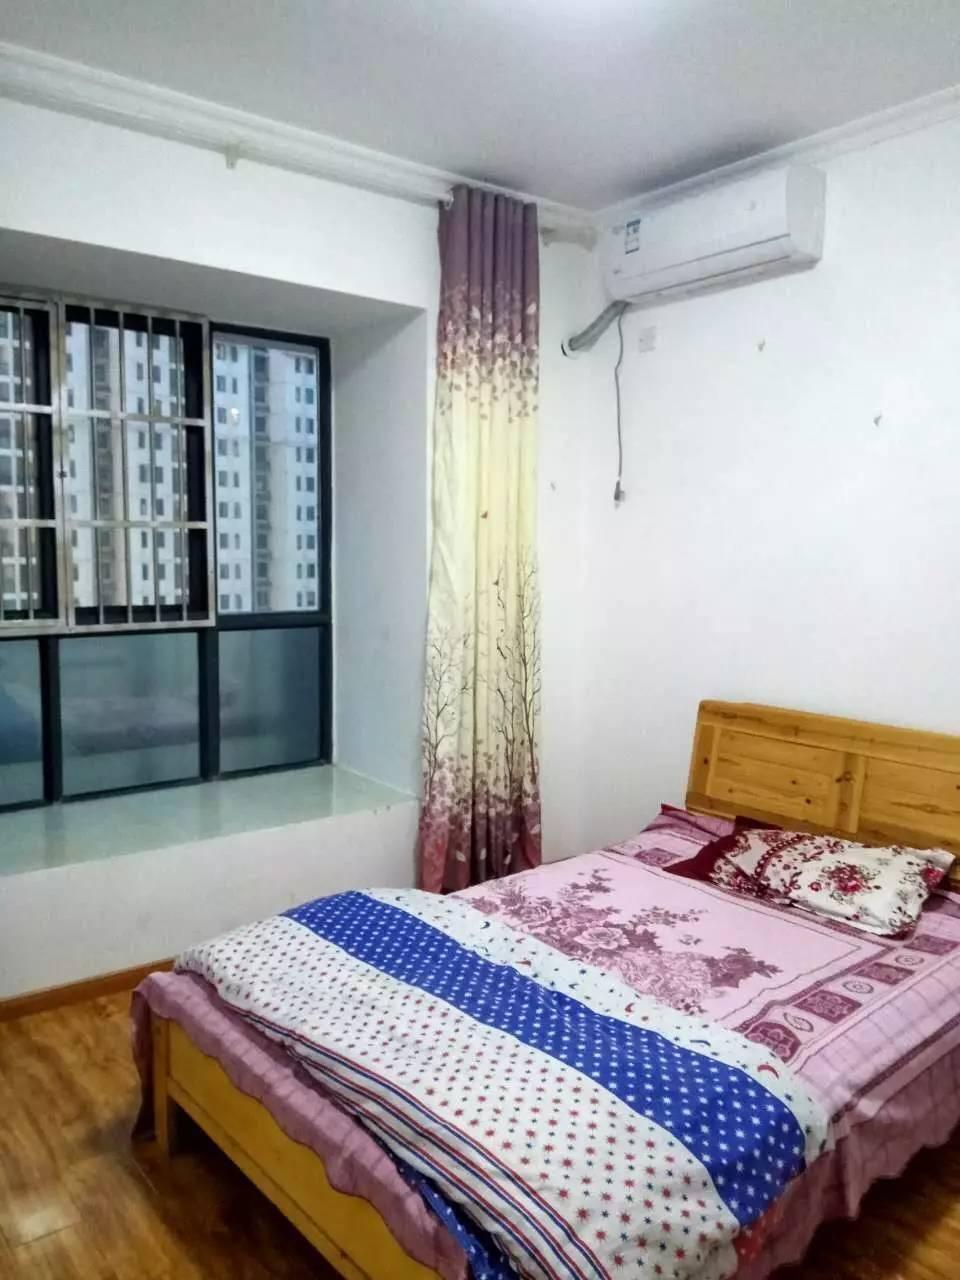 大学城中环城附近,星达城房屋出租 3室 1厅 80平米 整租